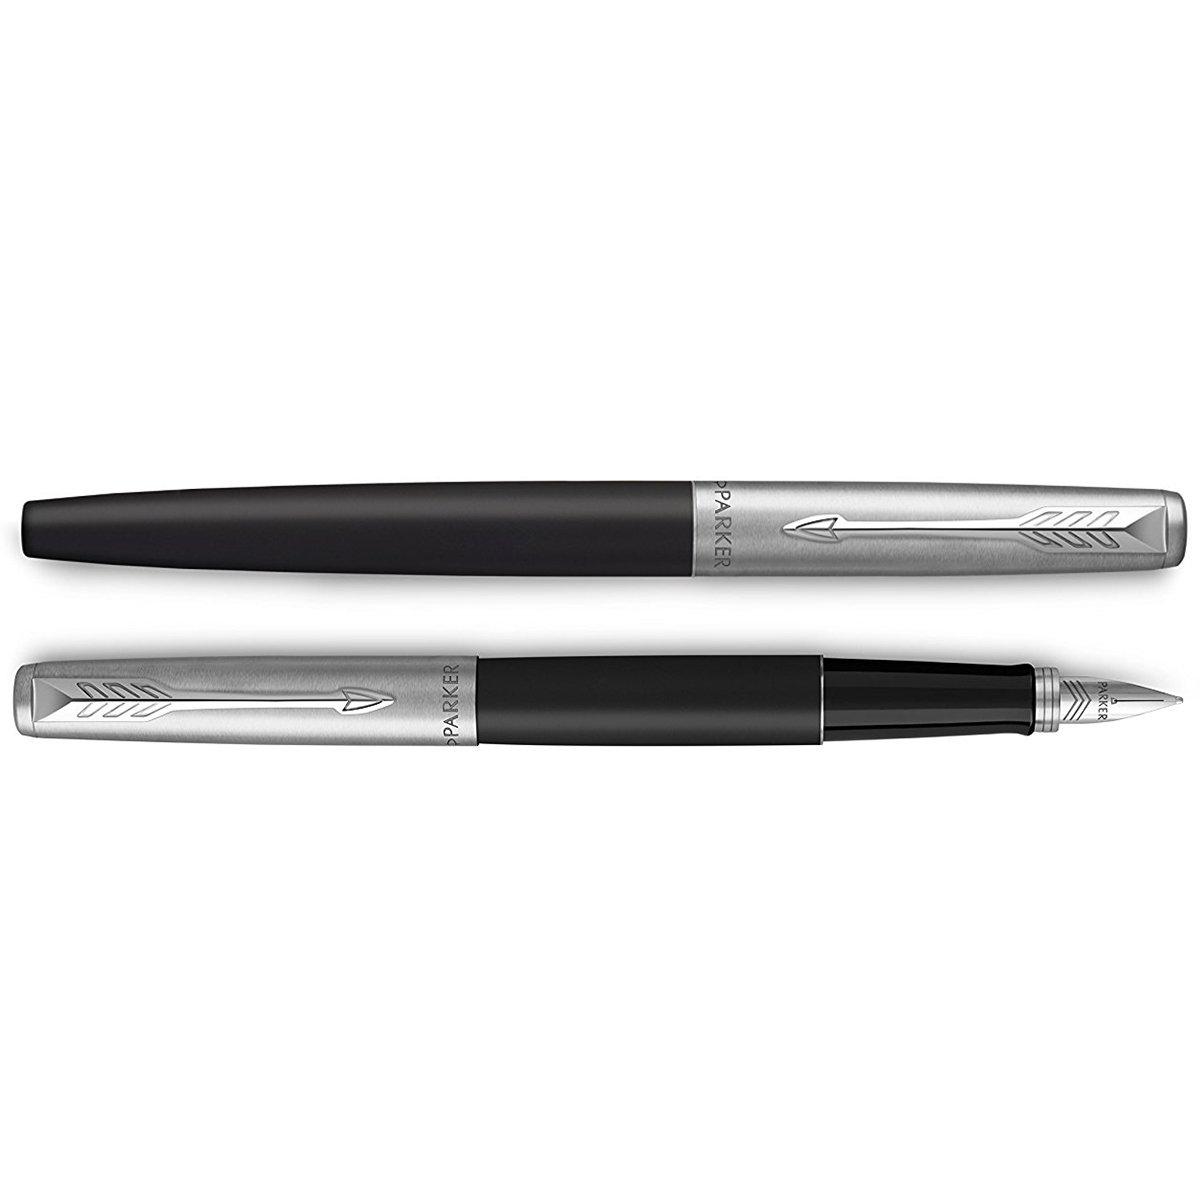 Zestaw Pióro + Długopis Jotter Parker Czarny CT + Etui Grawer